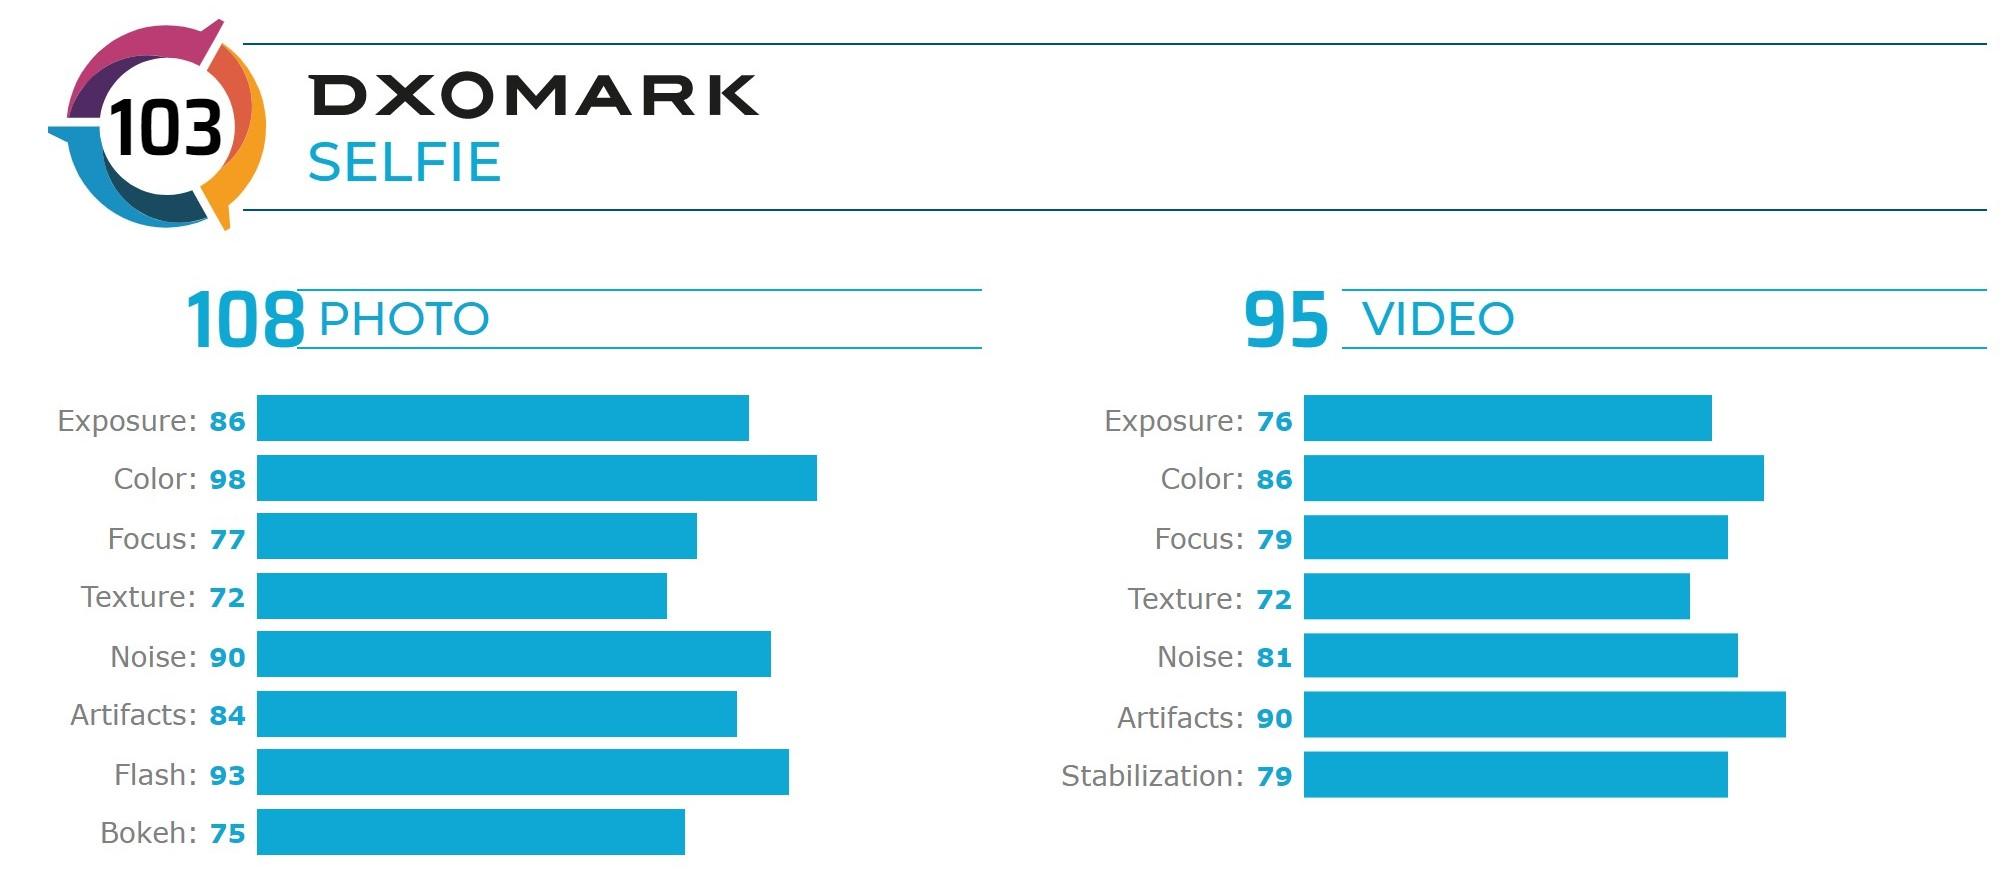 Huawei P40 Pro królem mobilnej fotografii - DxOMark nie ma wątpliwości 19